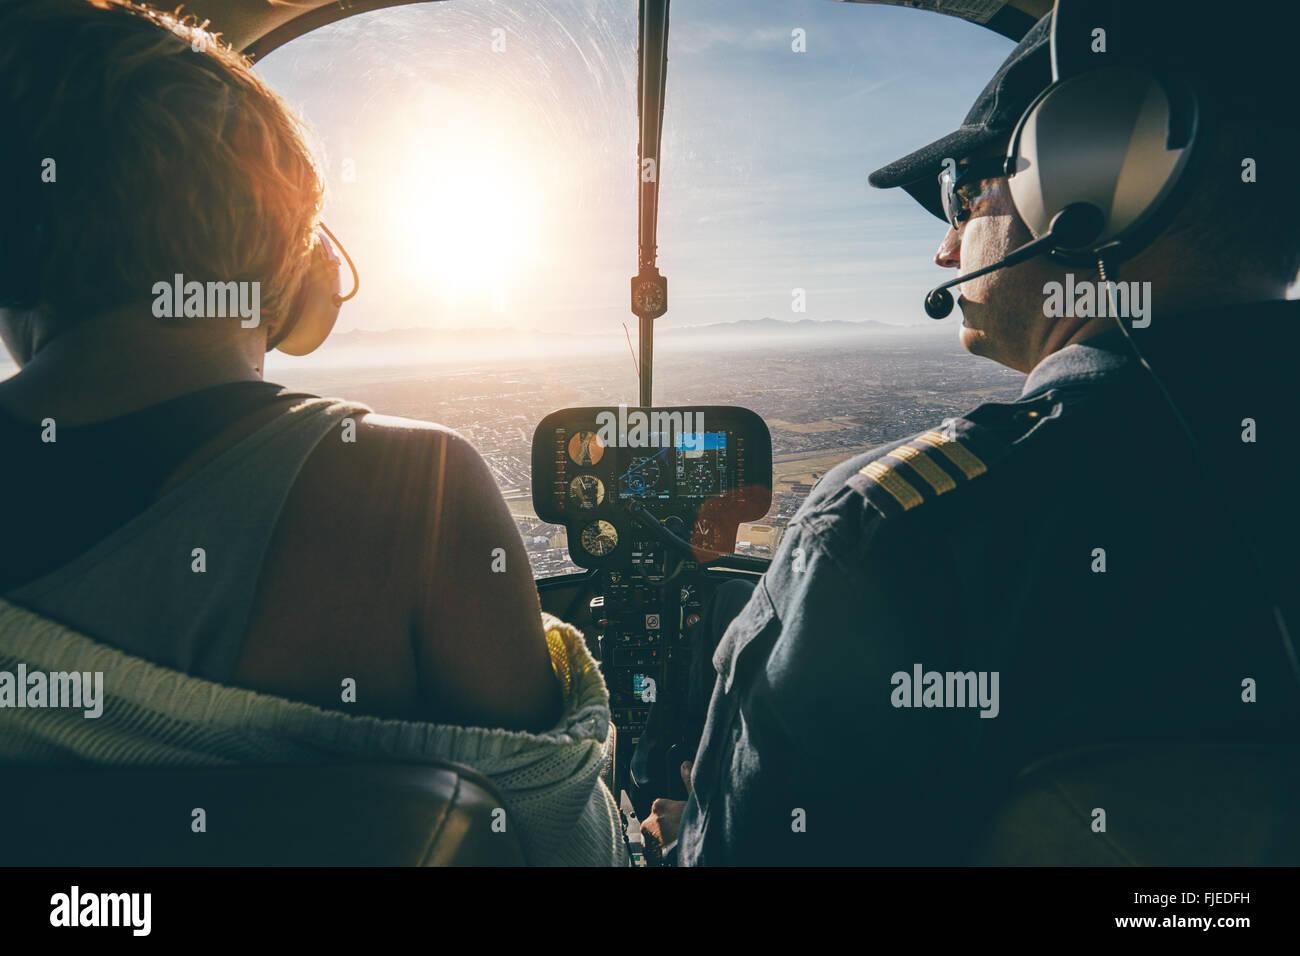 Vista trasera del macho y de la hembra y pilotos volar un helicóptero en día soleado. Hombre volando un Imagen De Stock